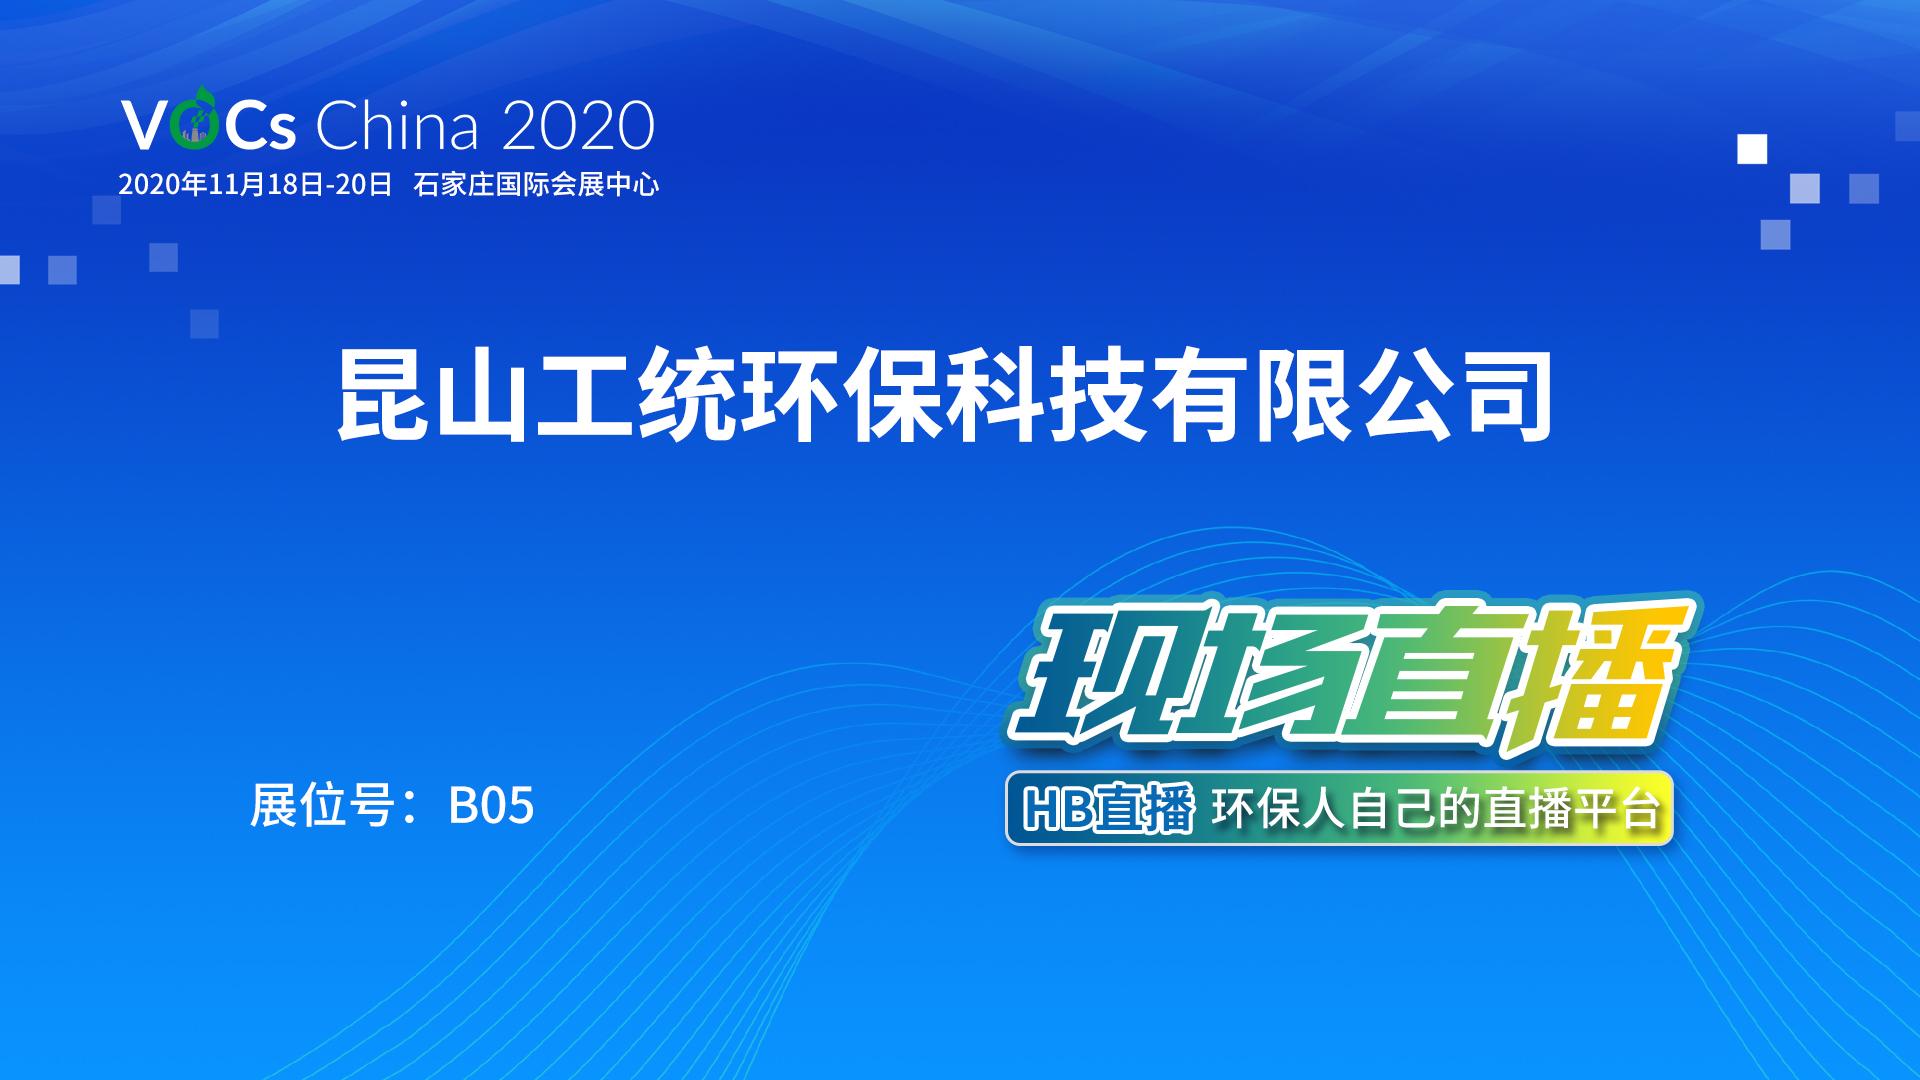 工统科技 VOCs China 2020 直播推荐